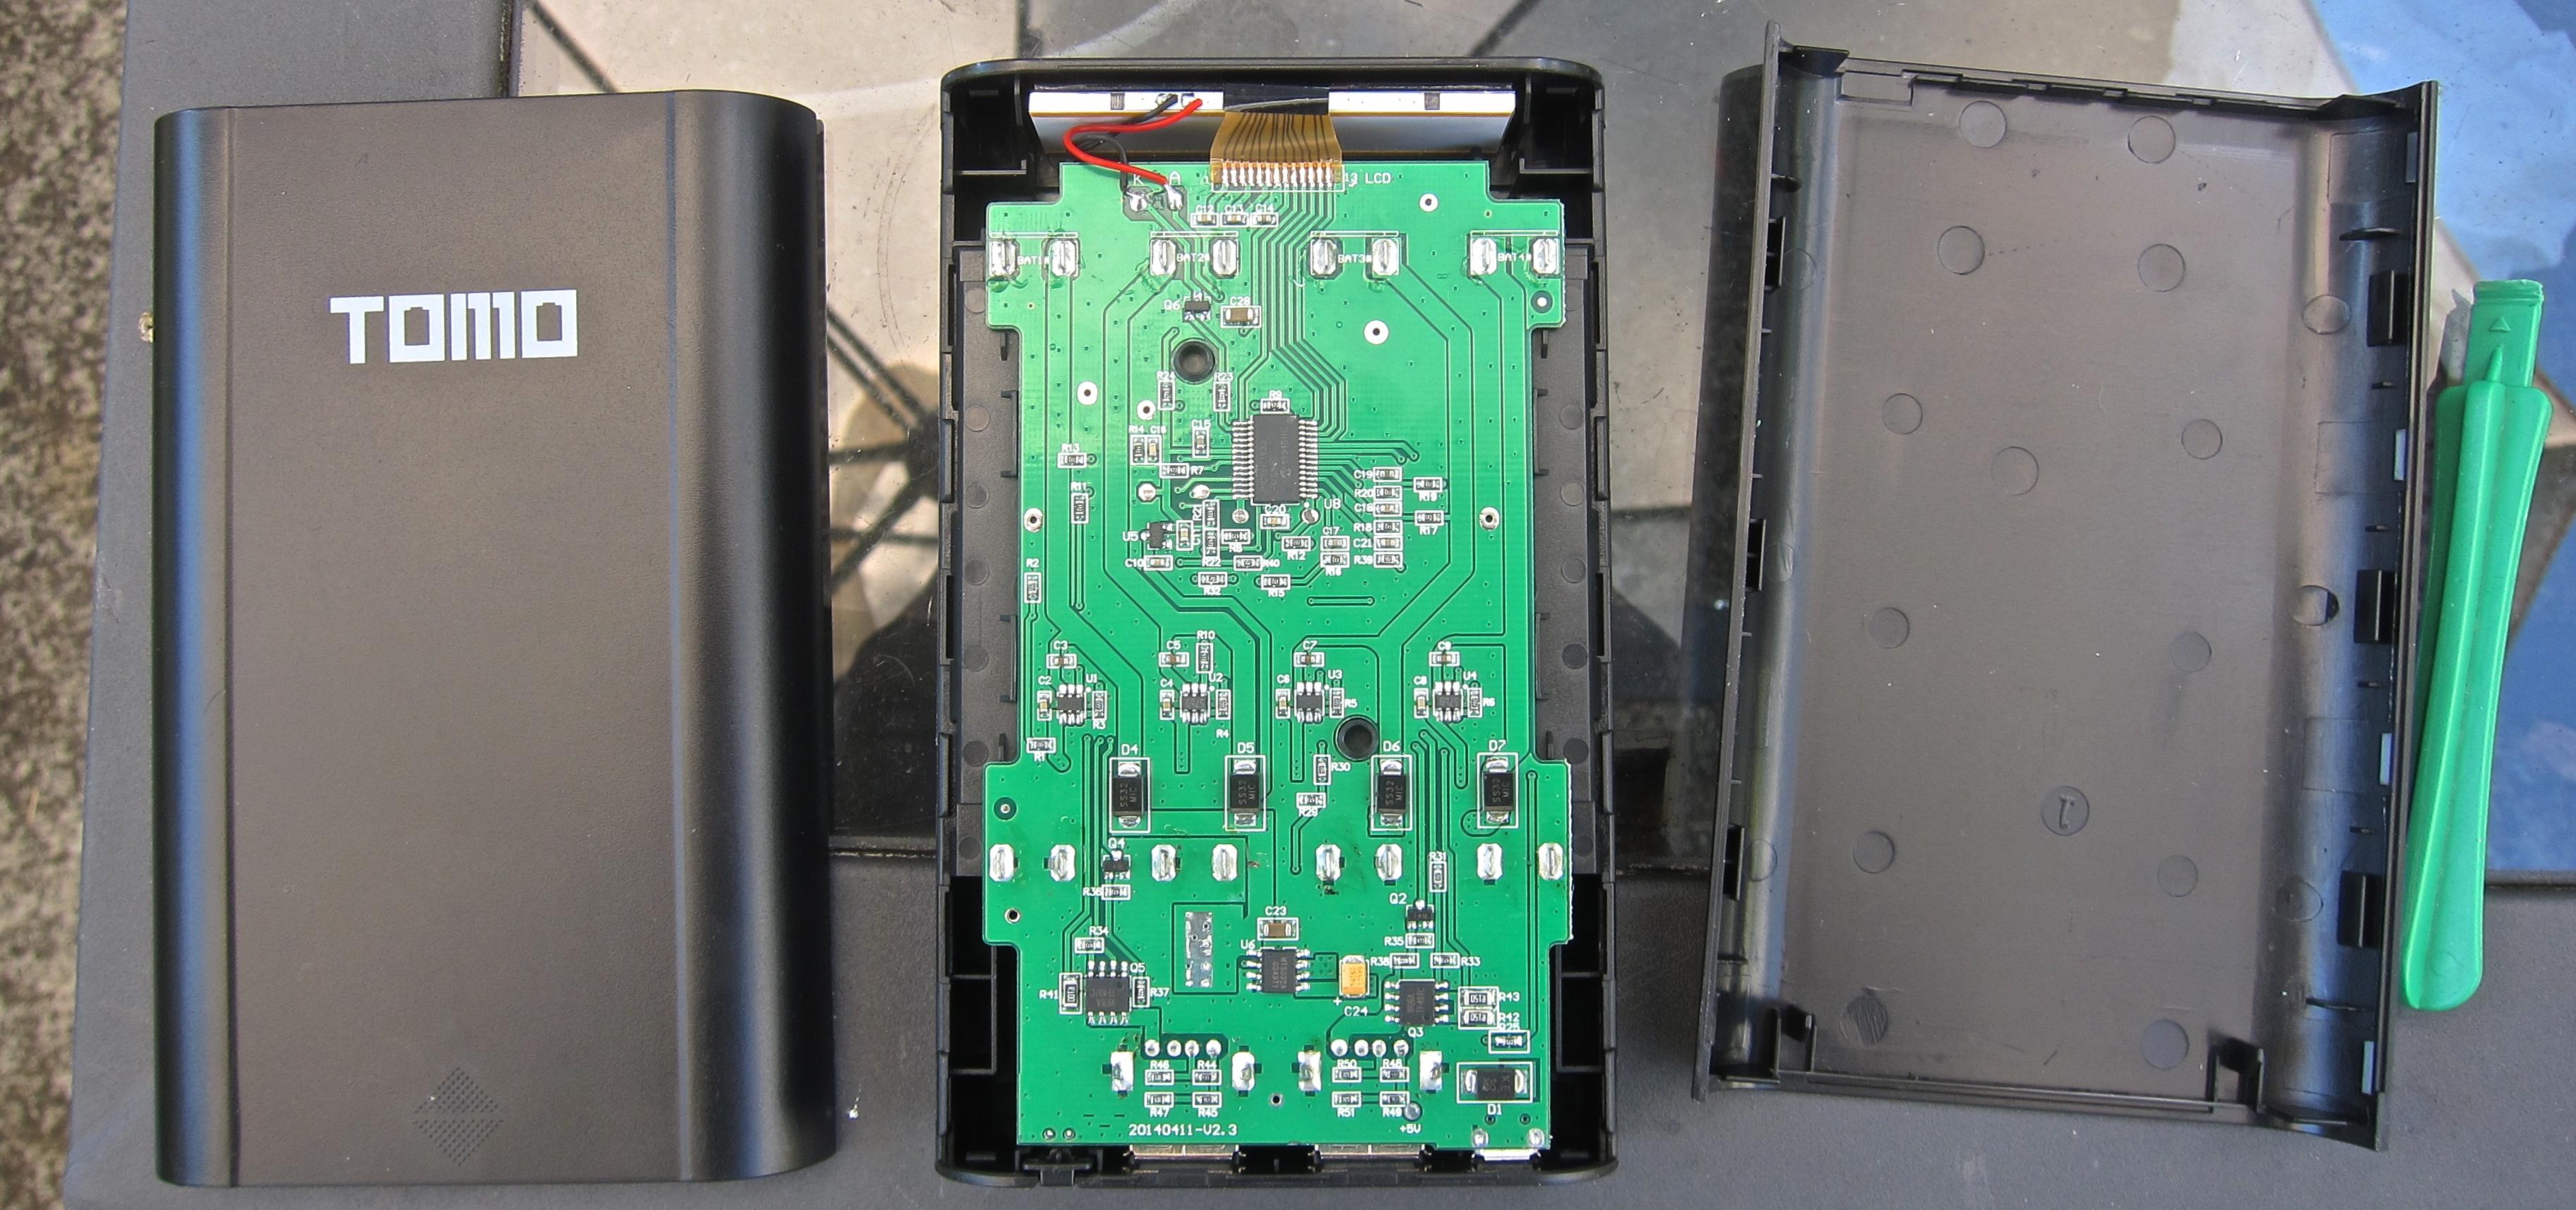 Tomo V8-4 / Soshine E3 DIY USB Charger / Power Bank Teardown | Power ...